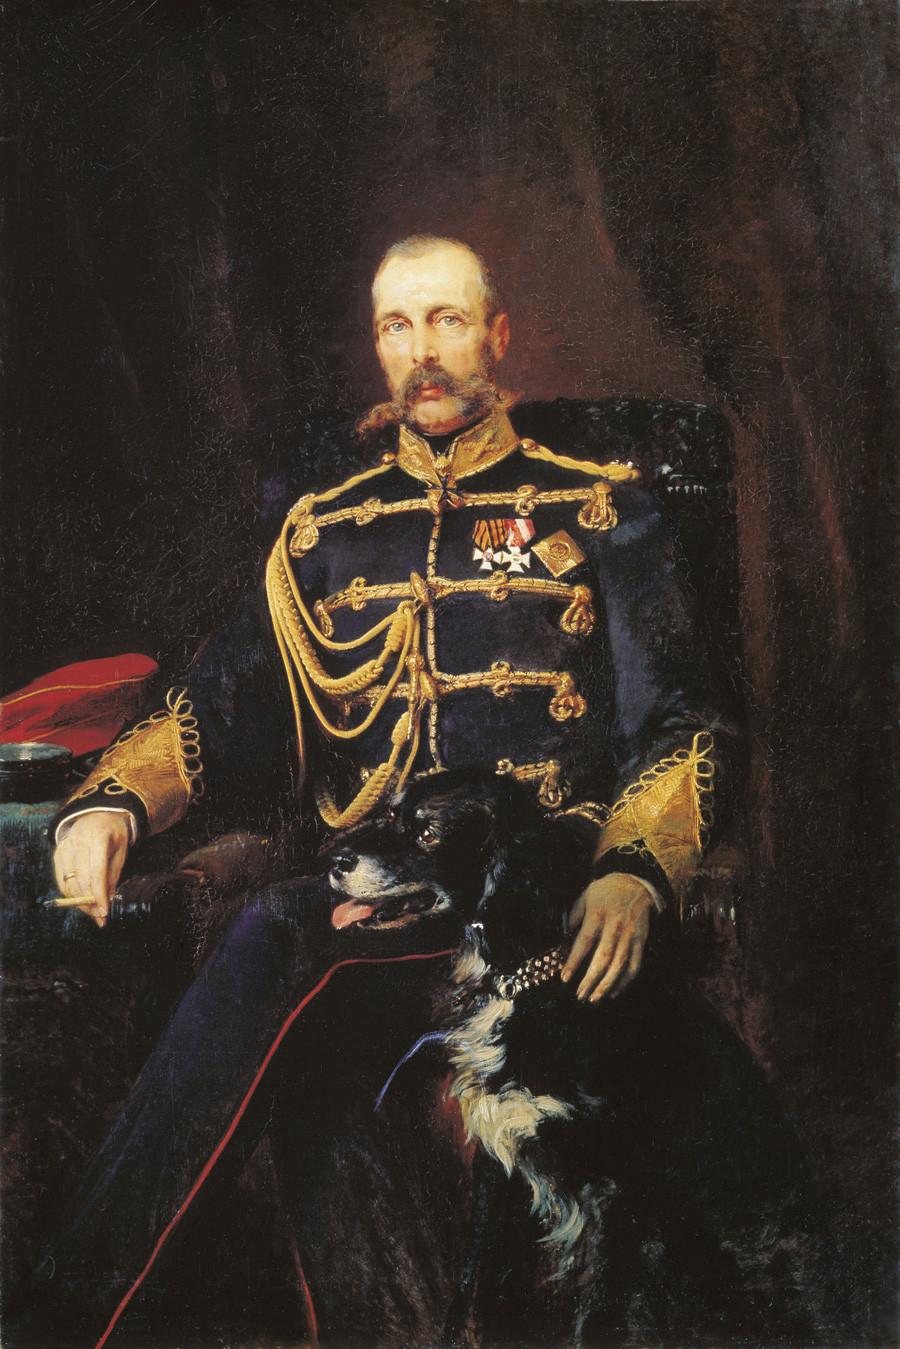 Il ritratto di Alessandro II realizzato da Konstantin Makovsky